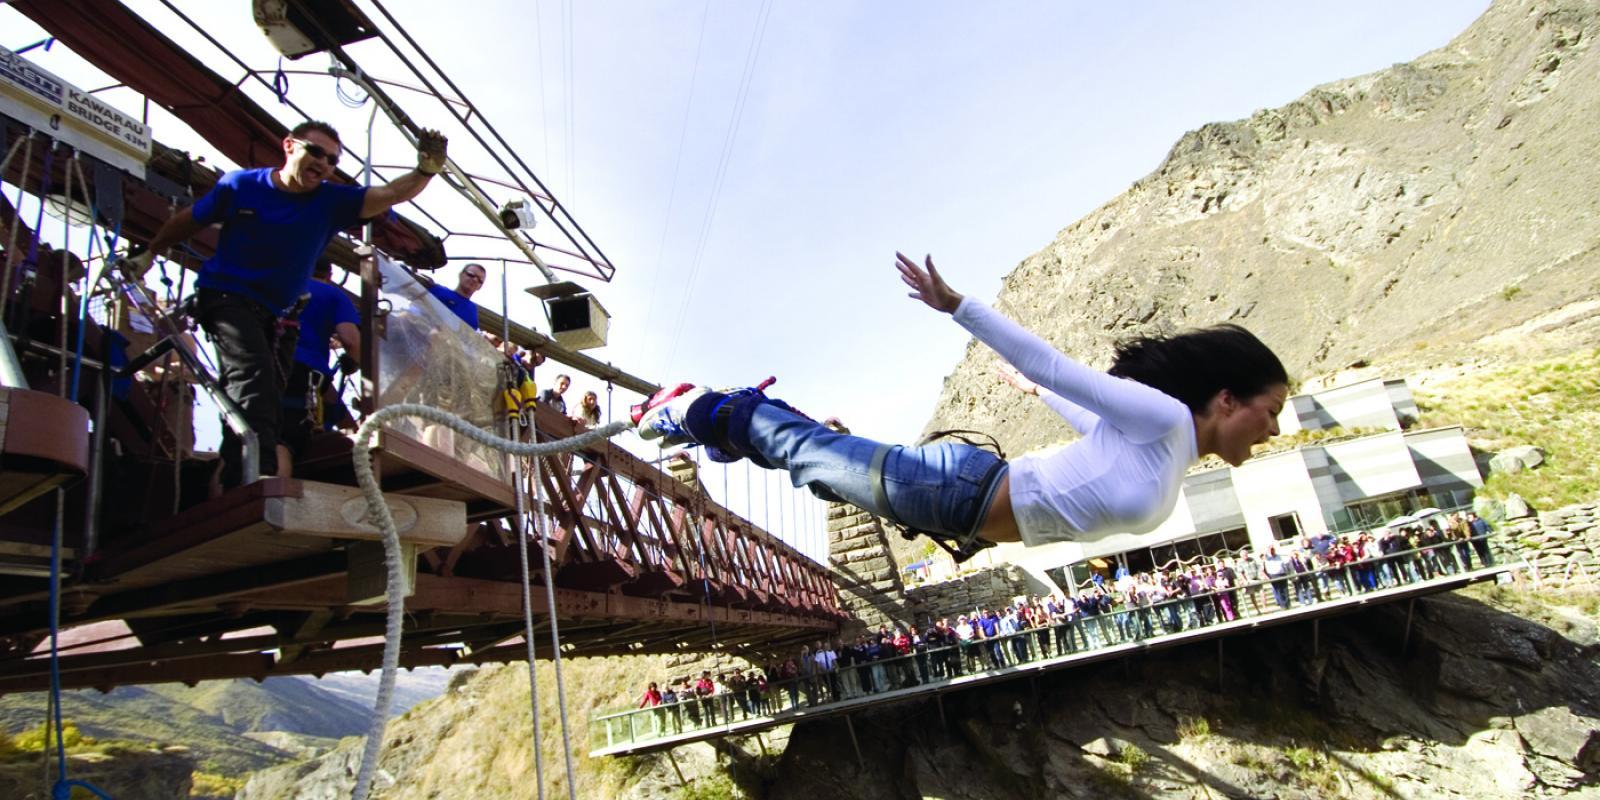 Woman jumping off the AJ Hackett Kawarau Bungy Bridge